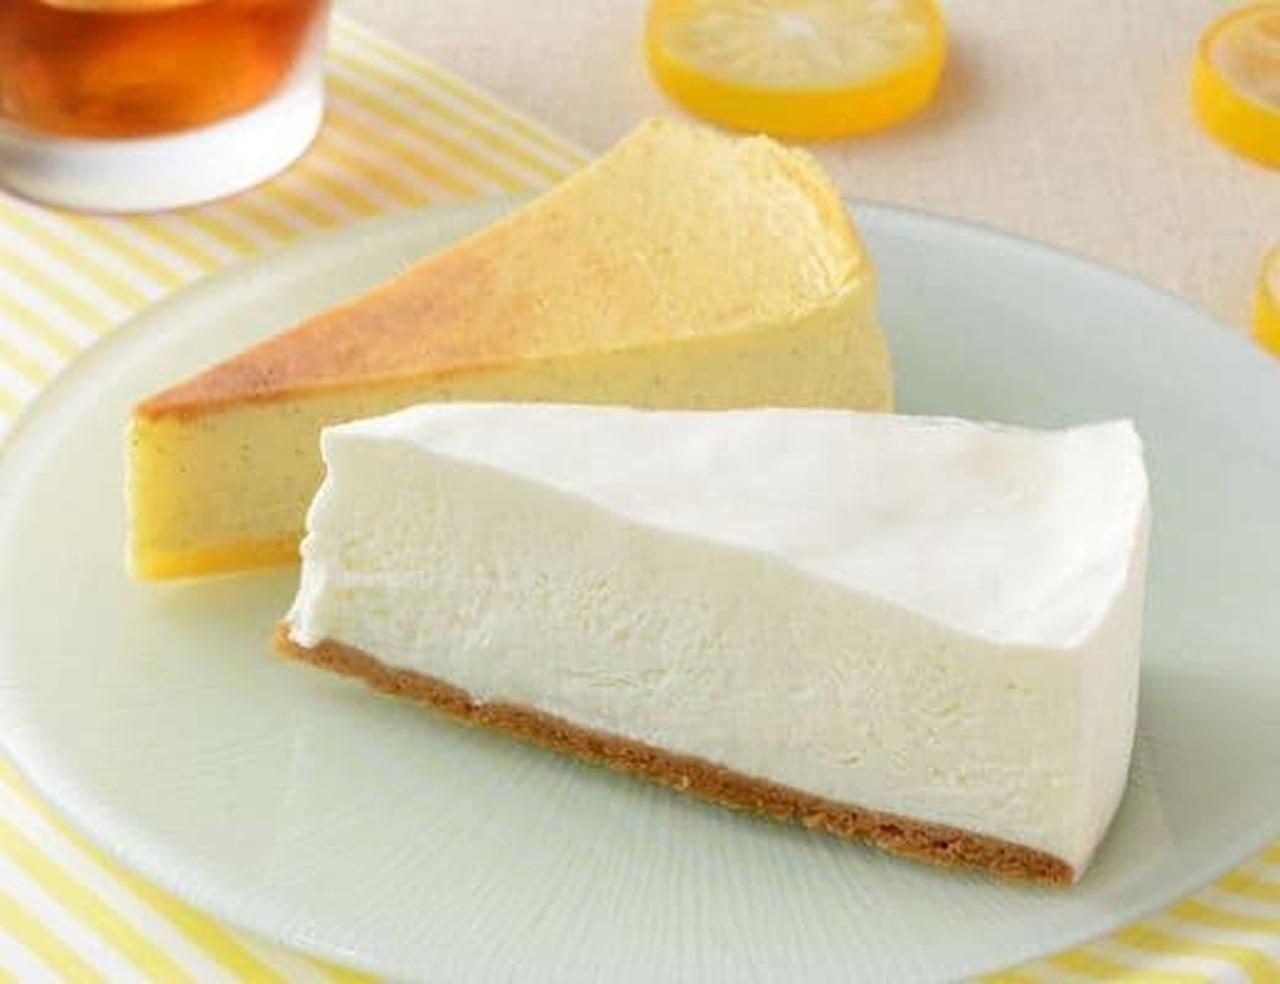 ローソン「塩レアチーズケーキ&レモンチーズケーキ」